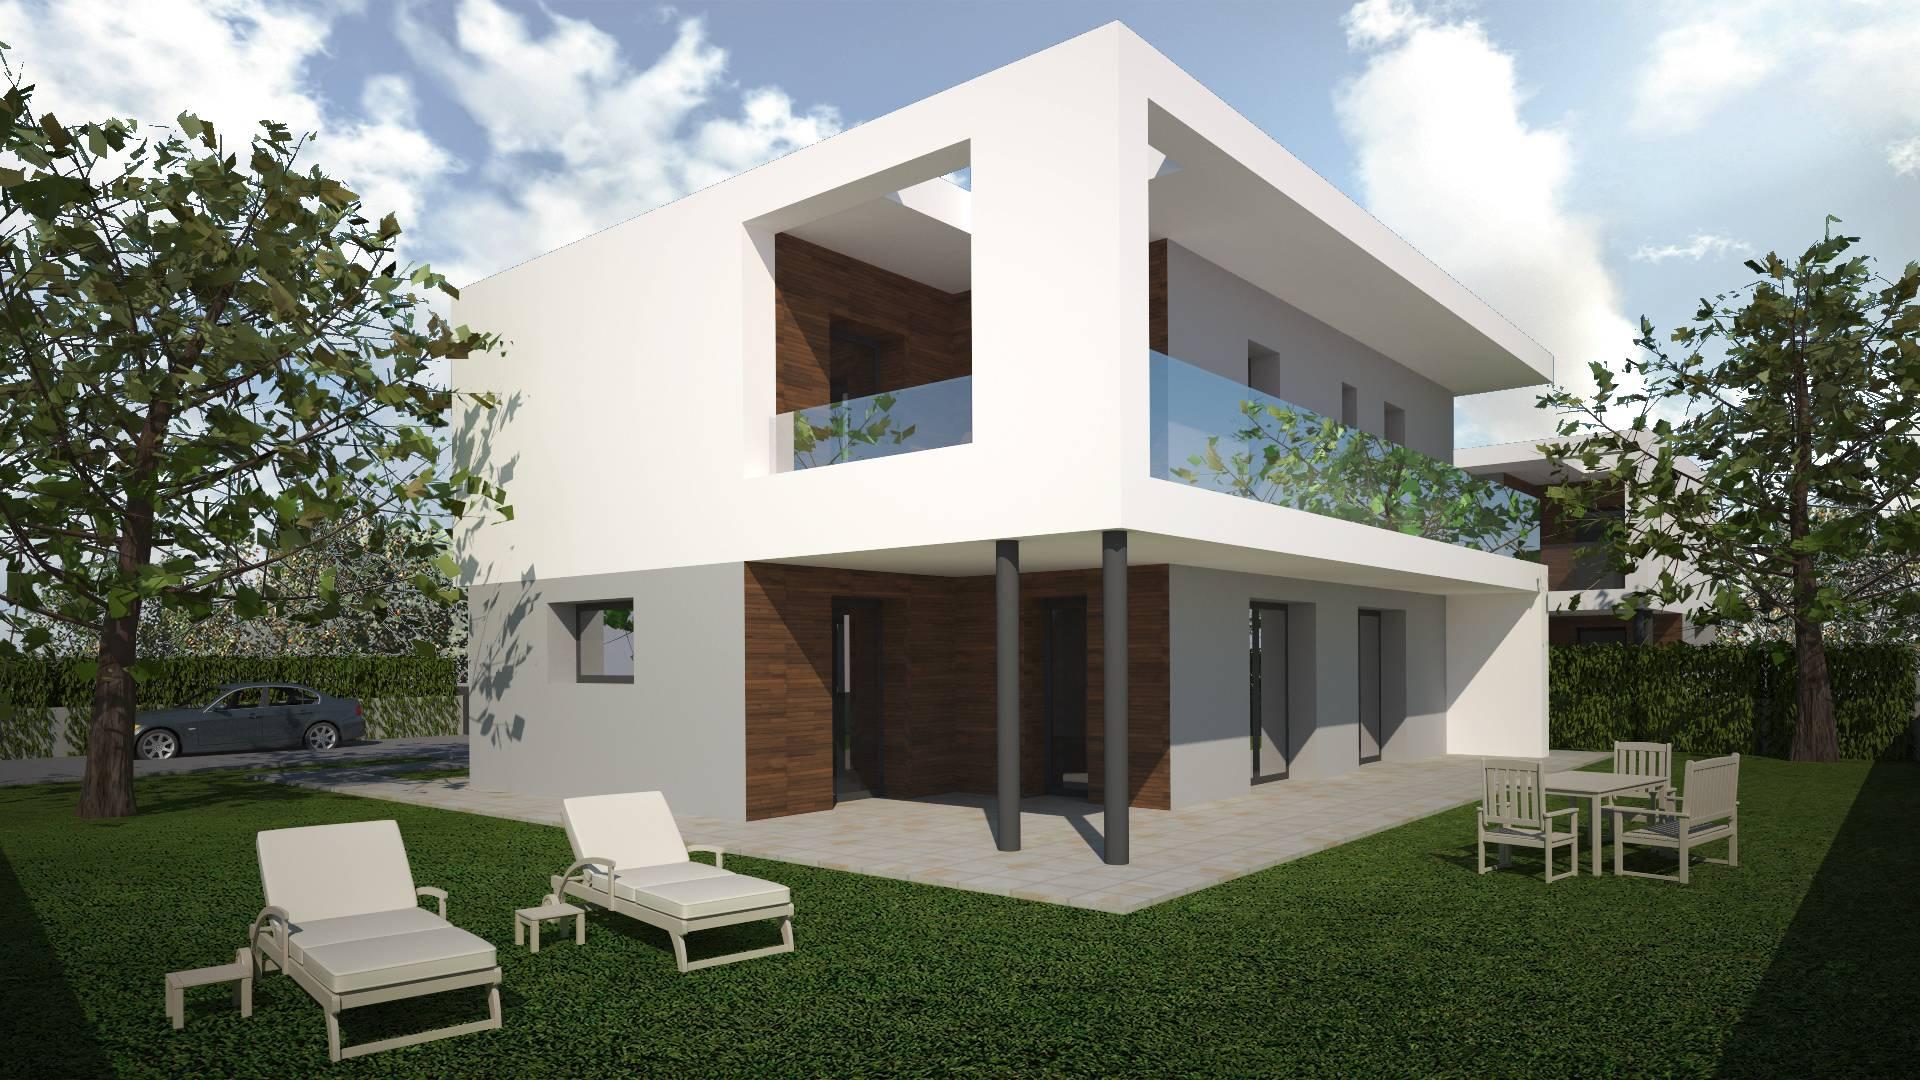 Terreno Edificabile Residenziale in vendita a Rovato, 9999 locali, prezzo € 128.500 | PortaleAgenzieImmobiliari.it